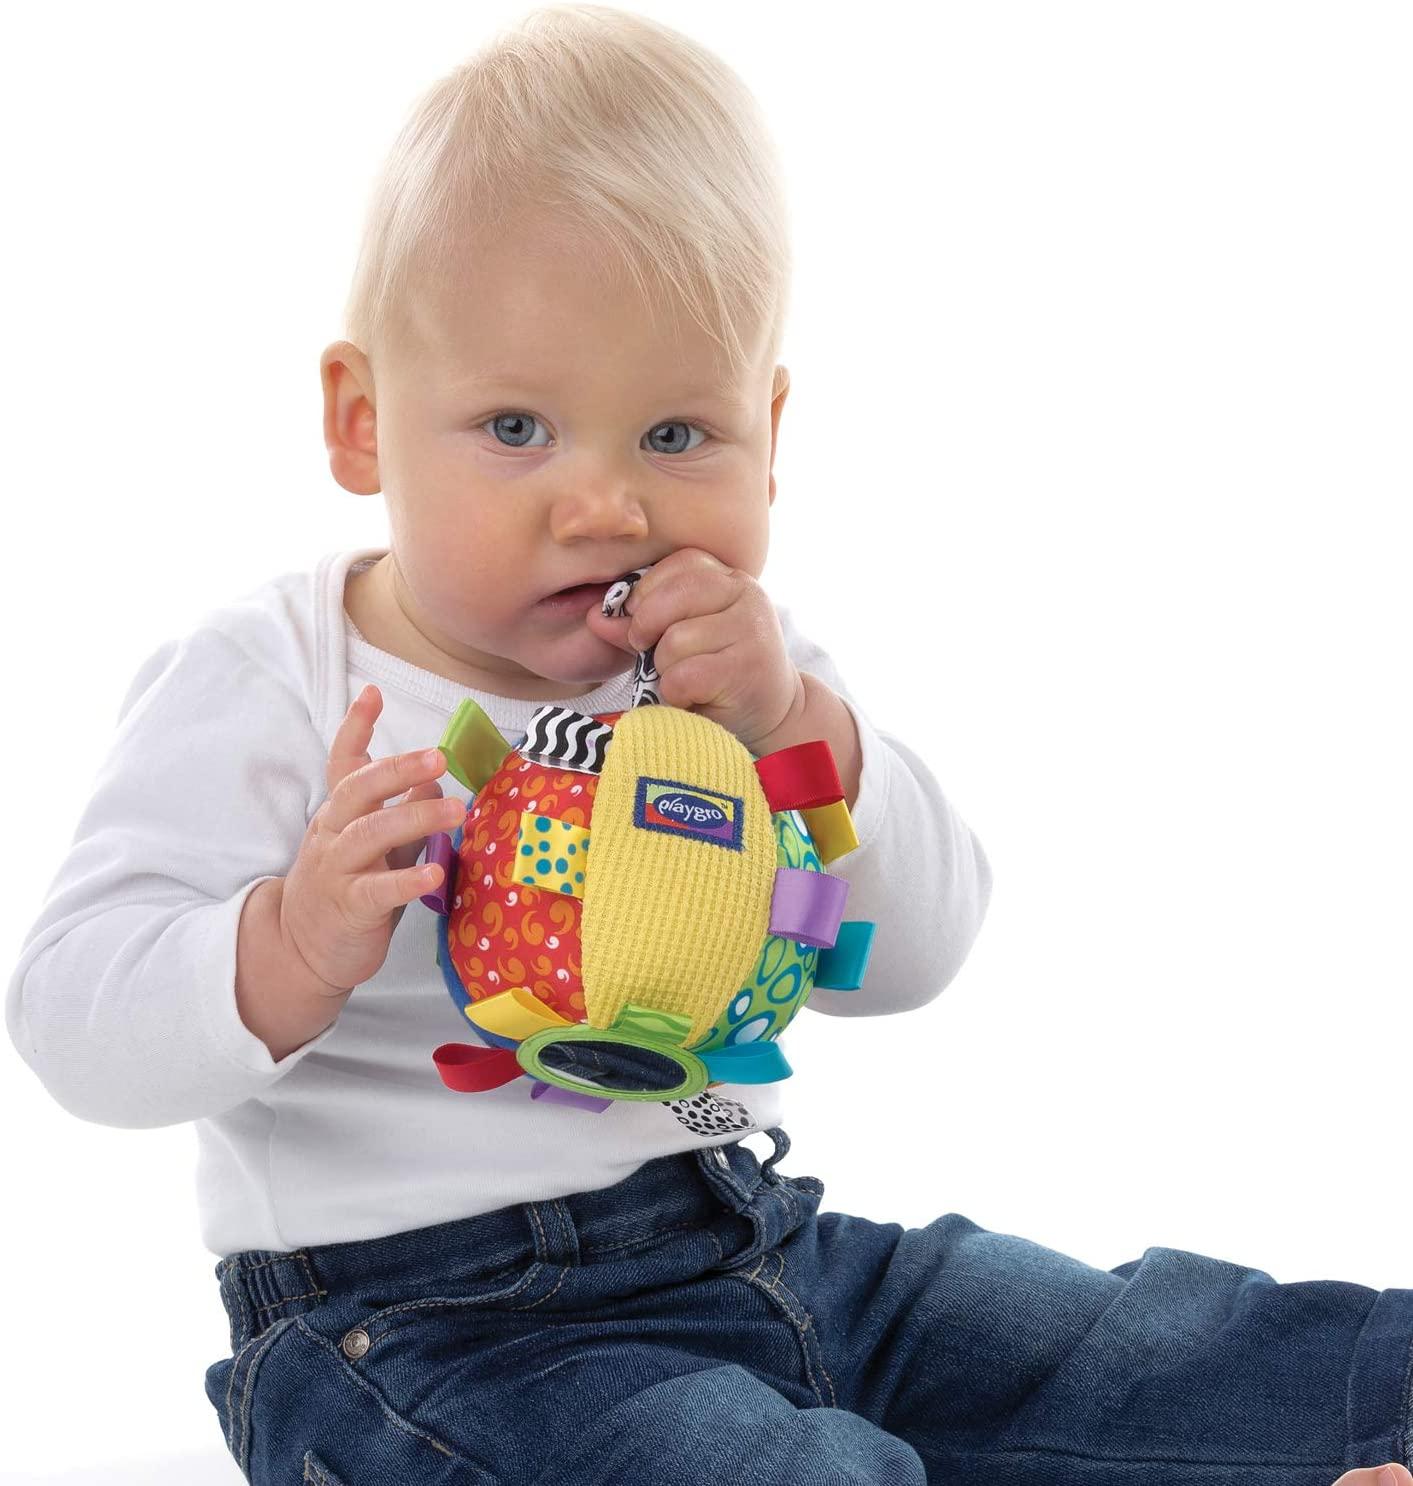 Pelotas sensoriales bebe barata. Comprar Pelotas sensoriales bebe. Las mejores Pelotas sensoriales bebe